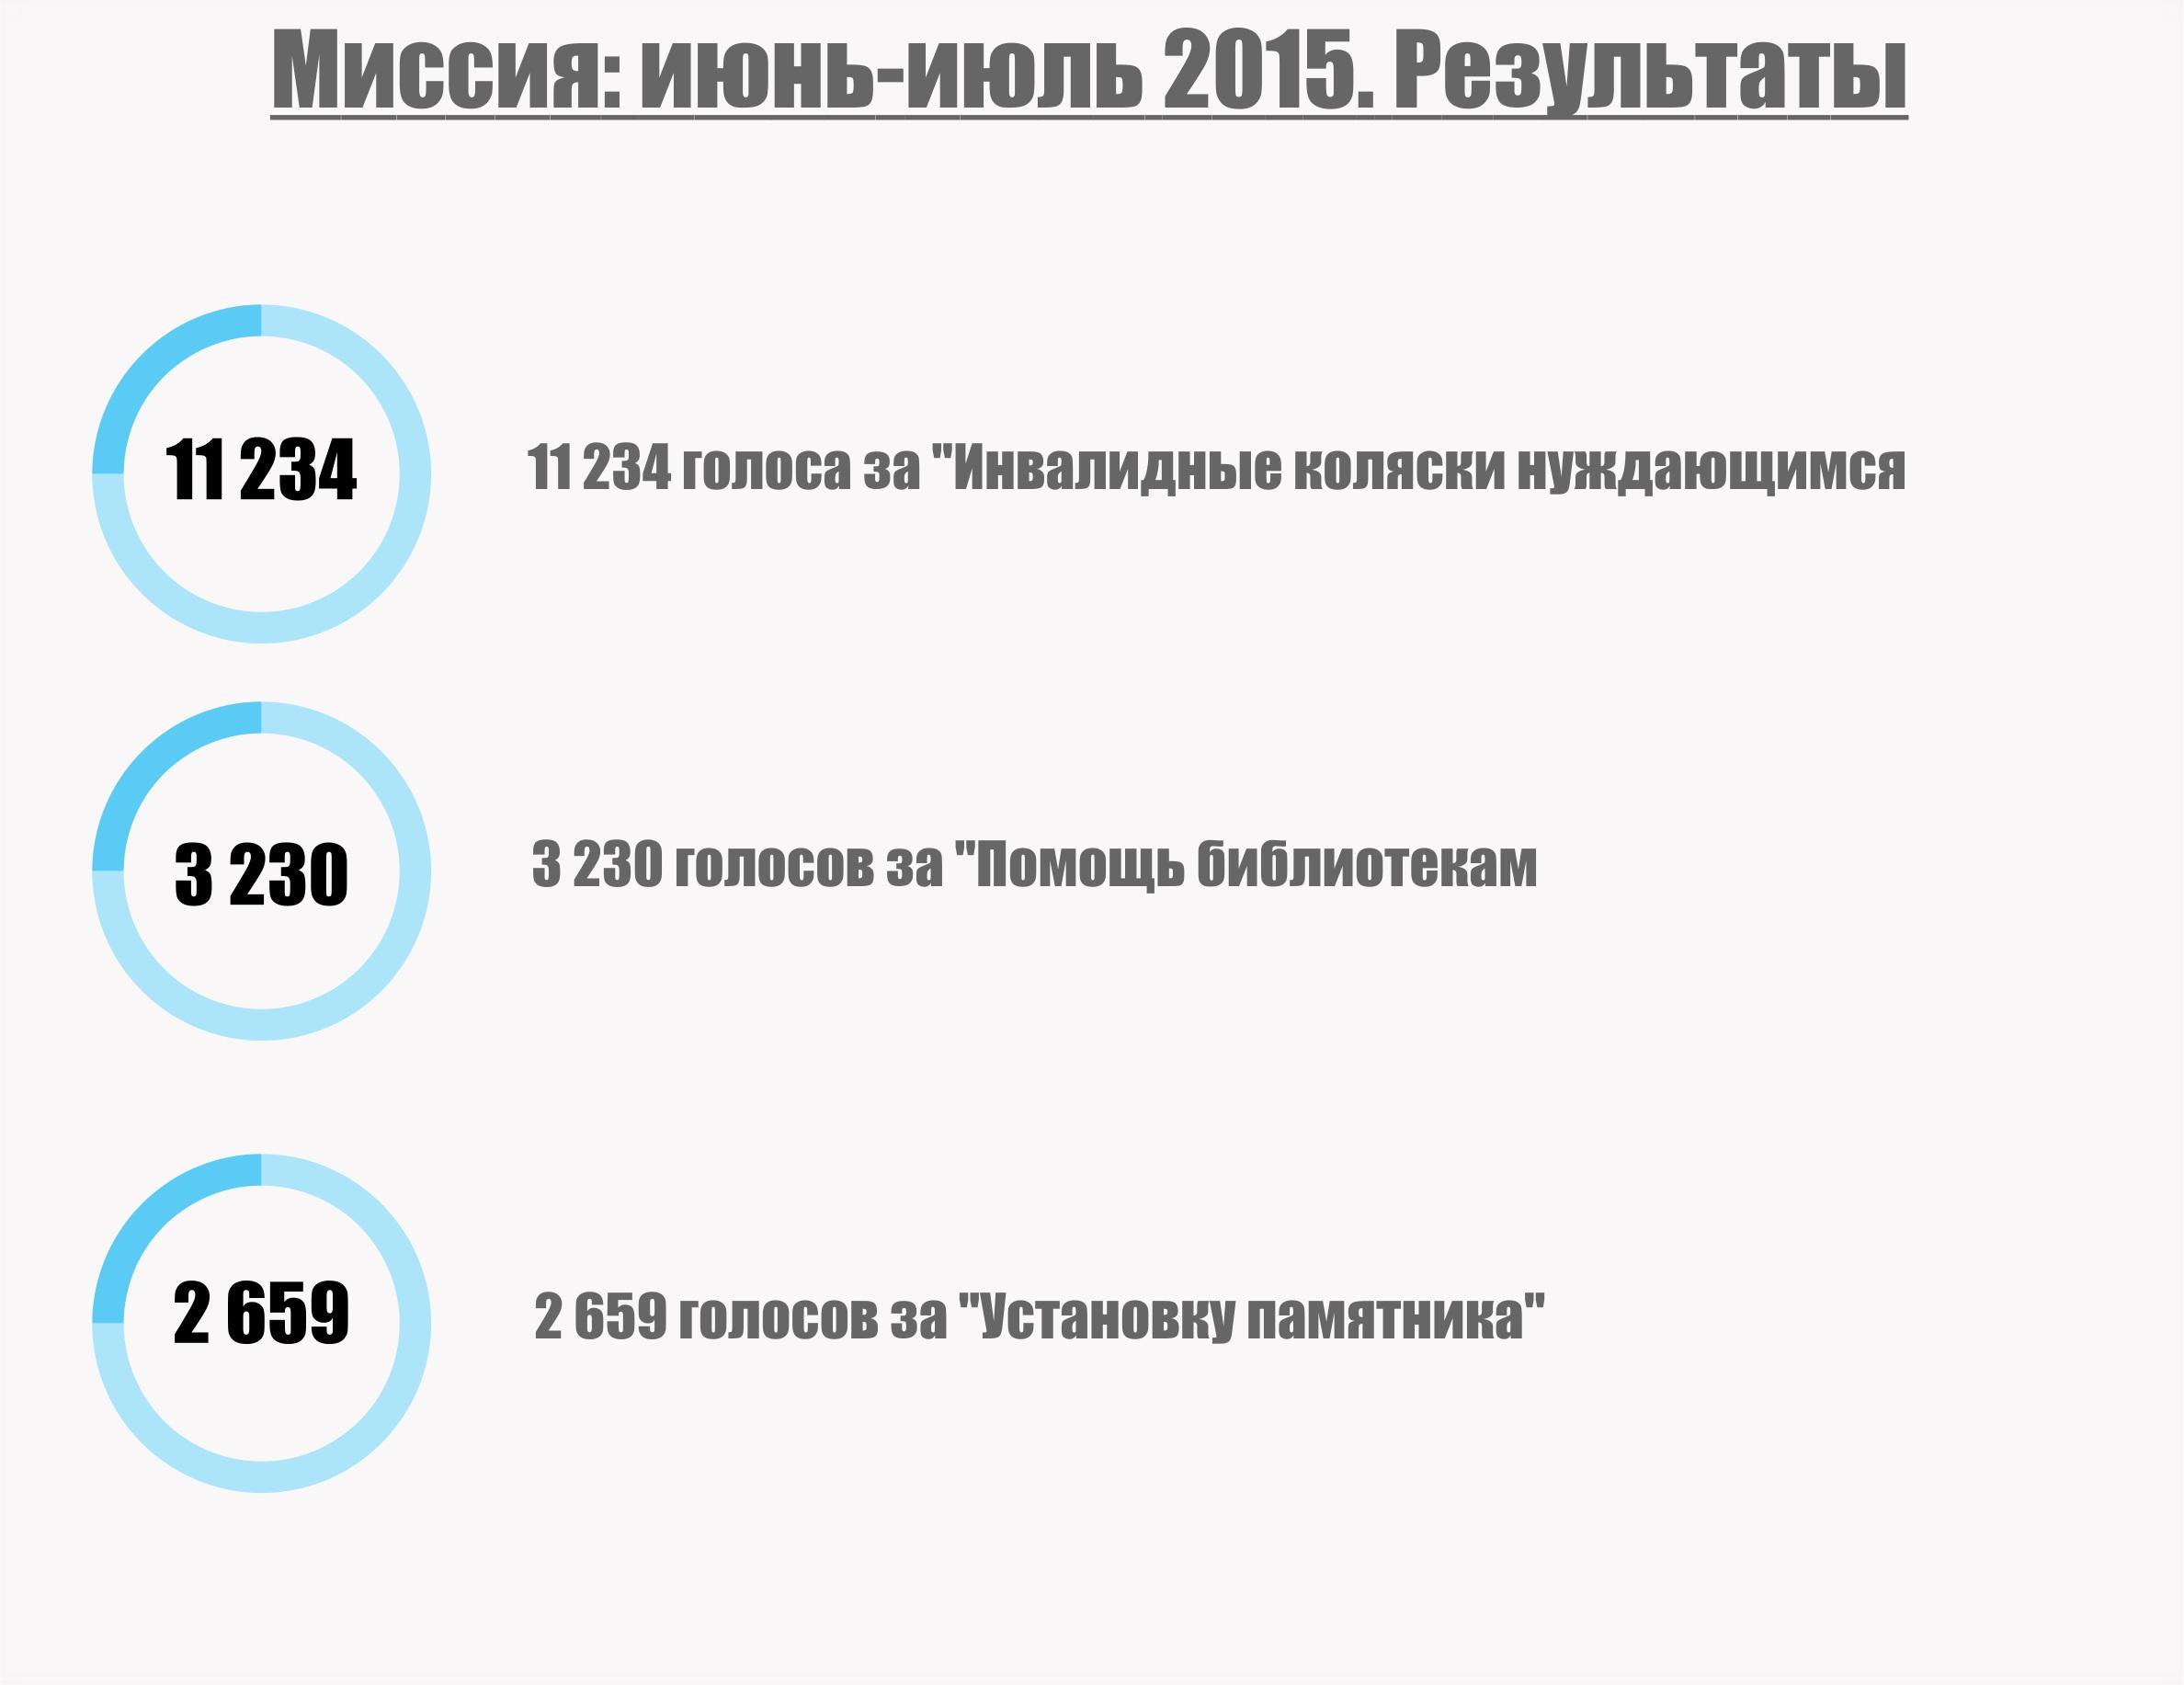 Распределение голосов по направлениям